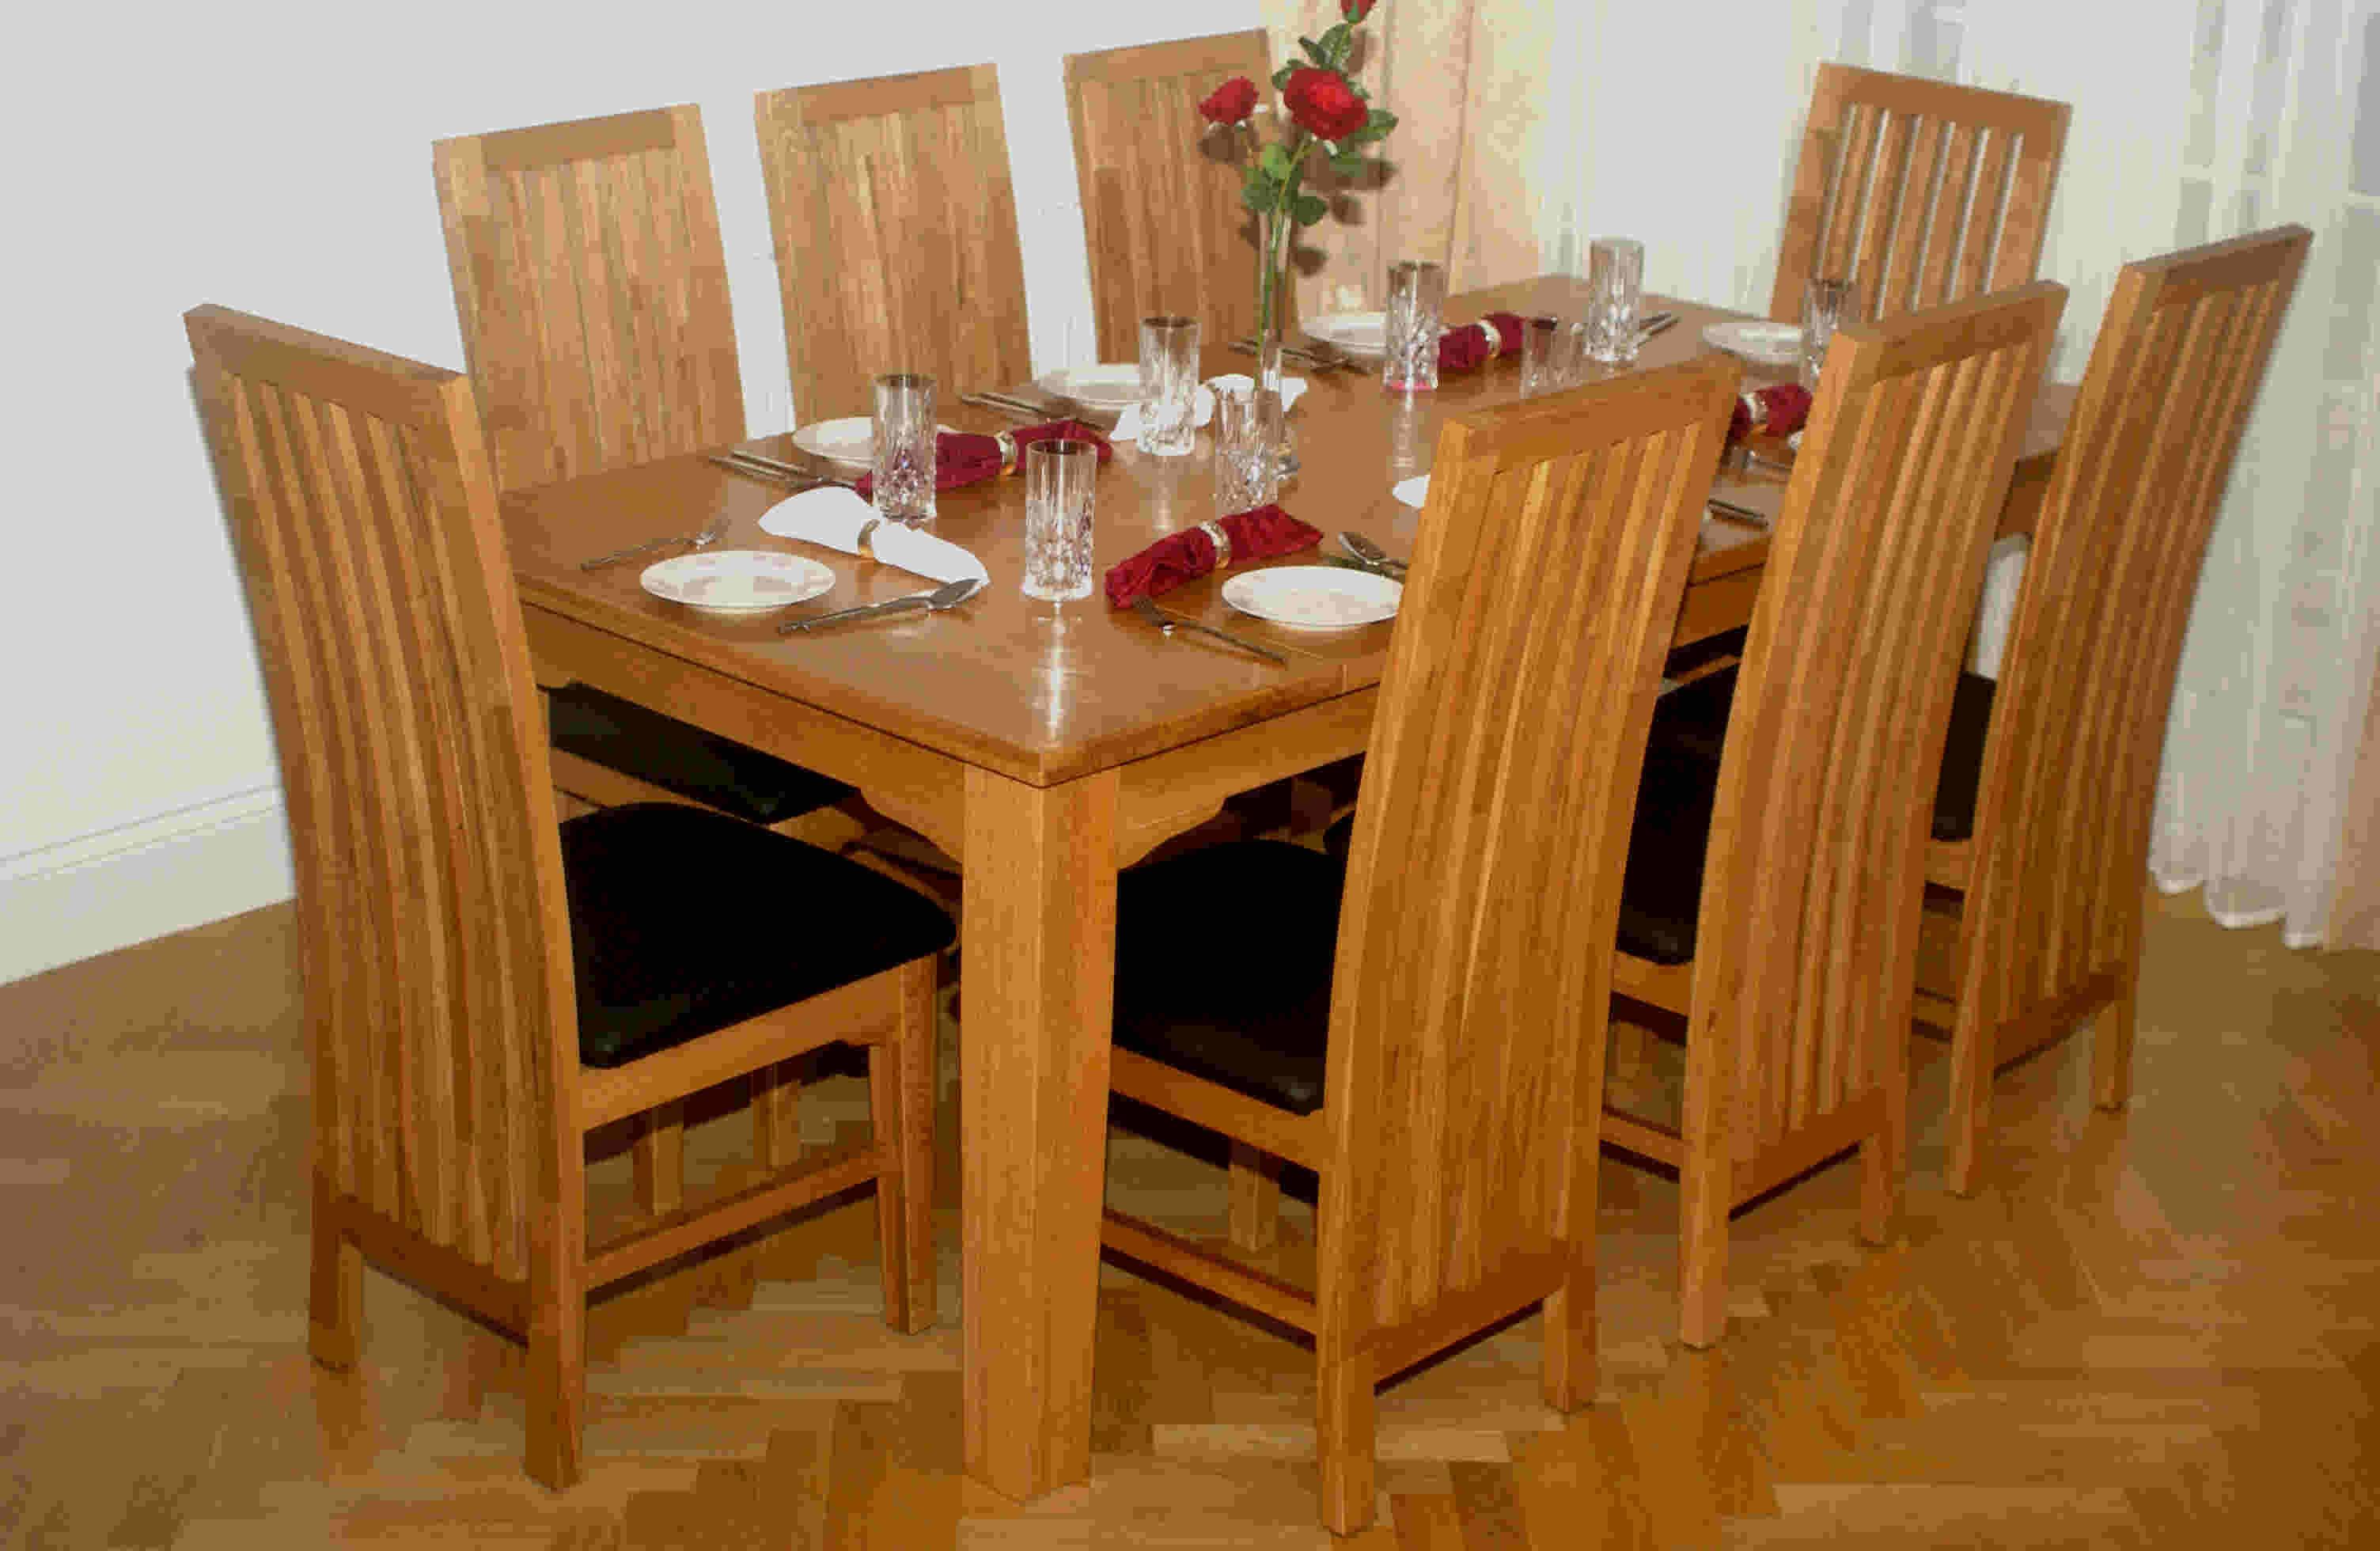 solid oak dining room furniture buy oak furniture furniture dining room sets product on. Black Bedroom Furniture Sets. Home Design Ideas